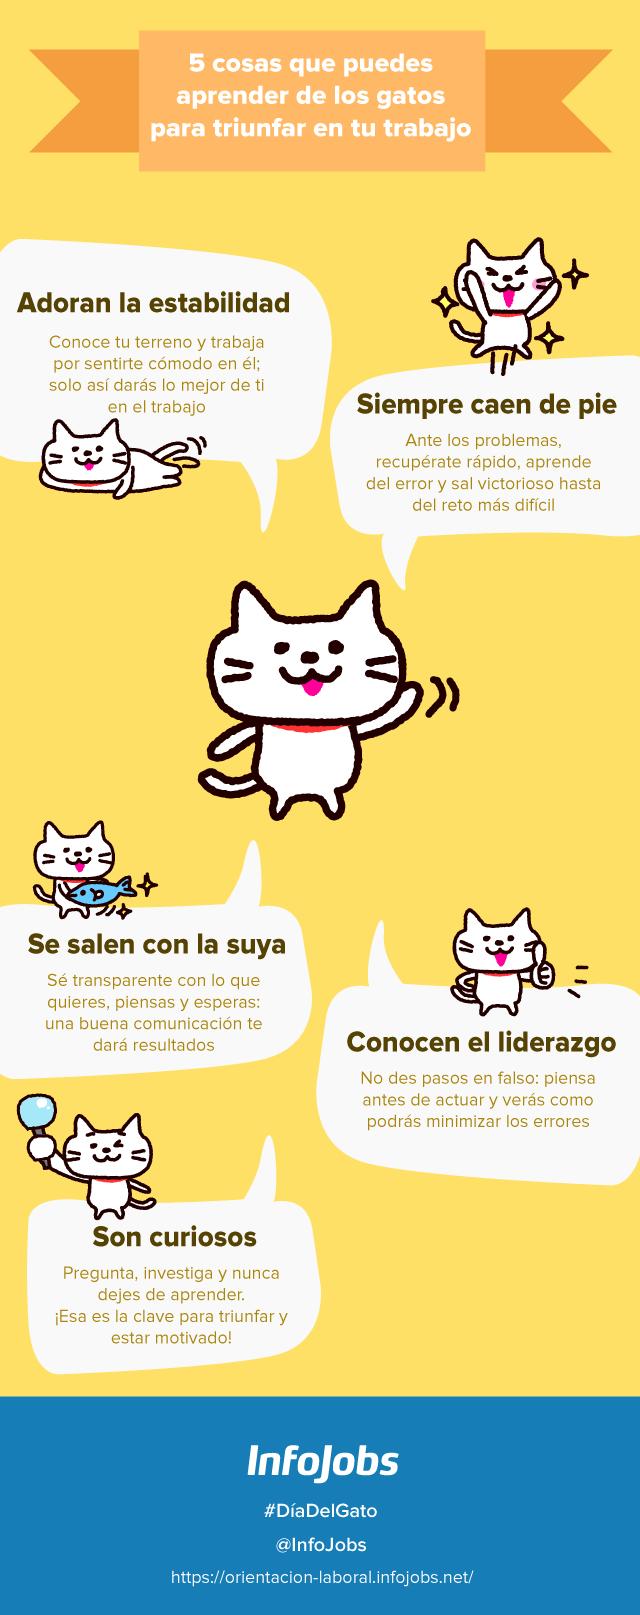 5 talentos que puedes aprender los gatos para triunfar en el trabajo